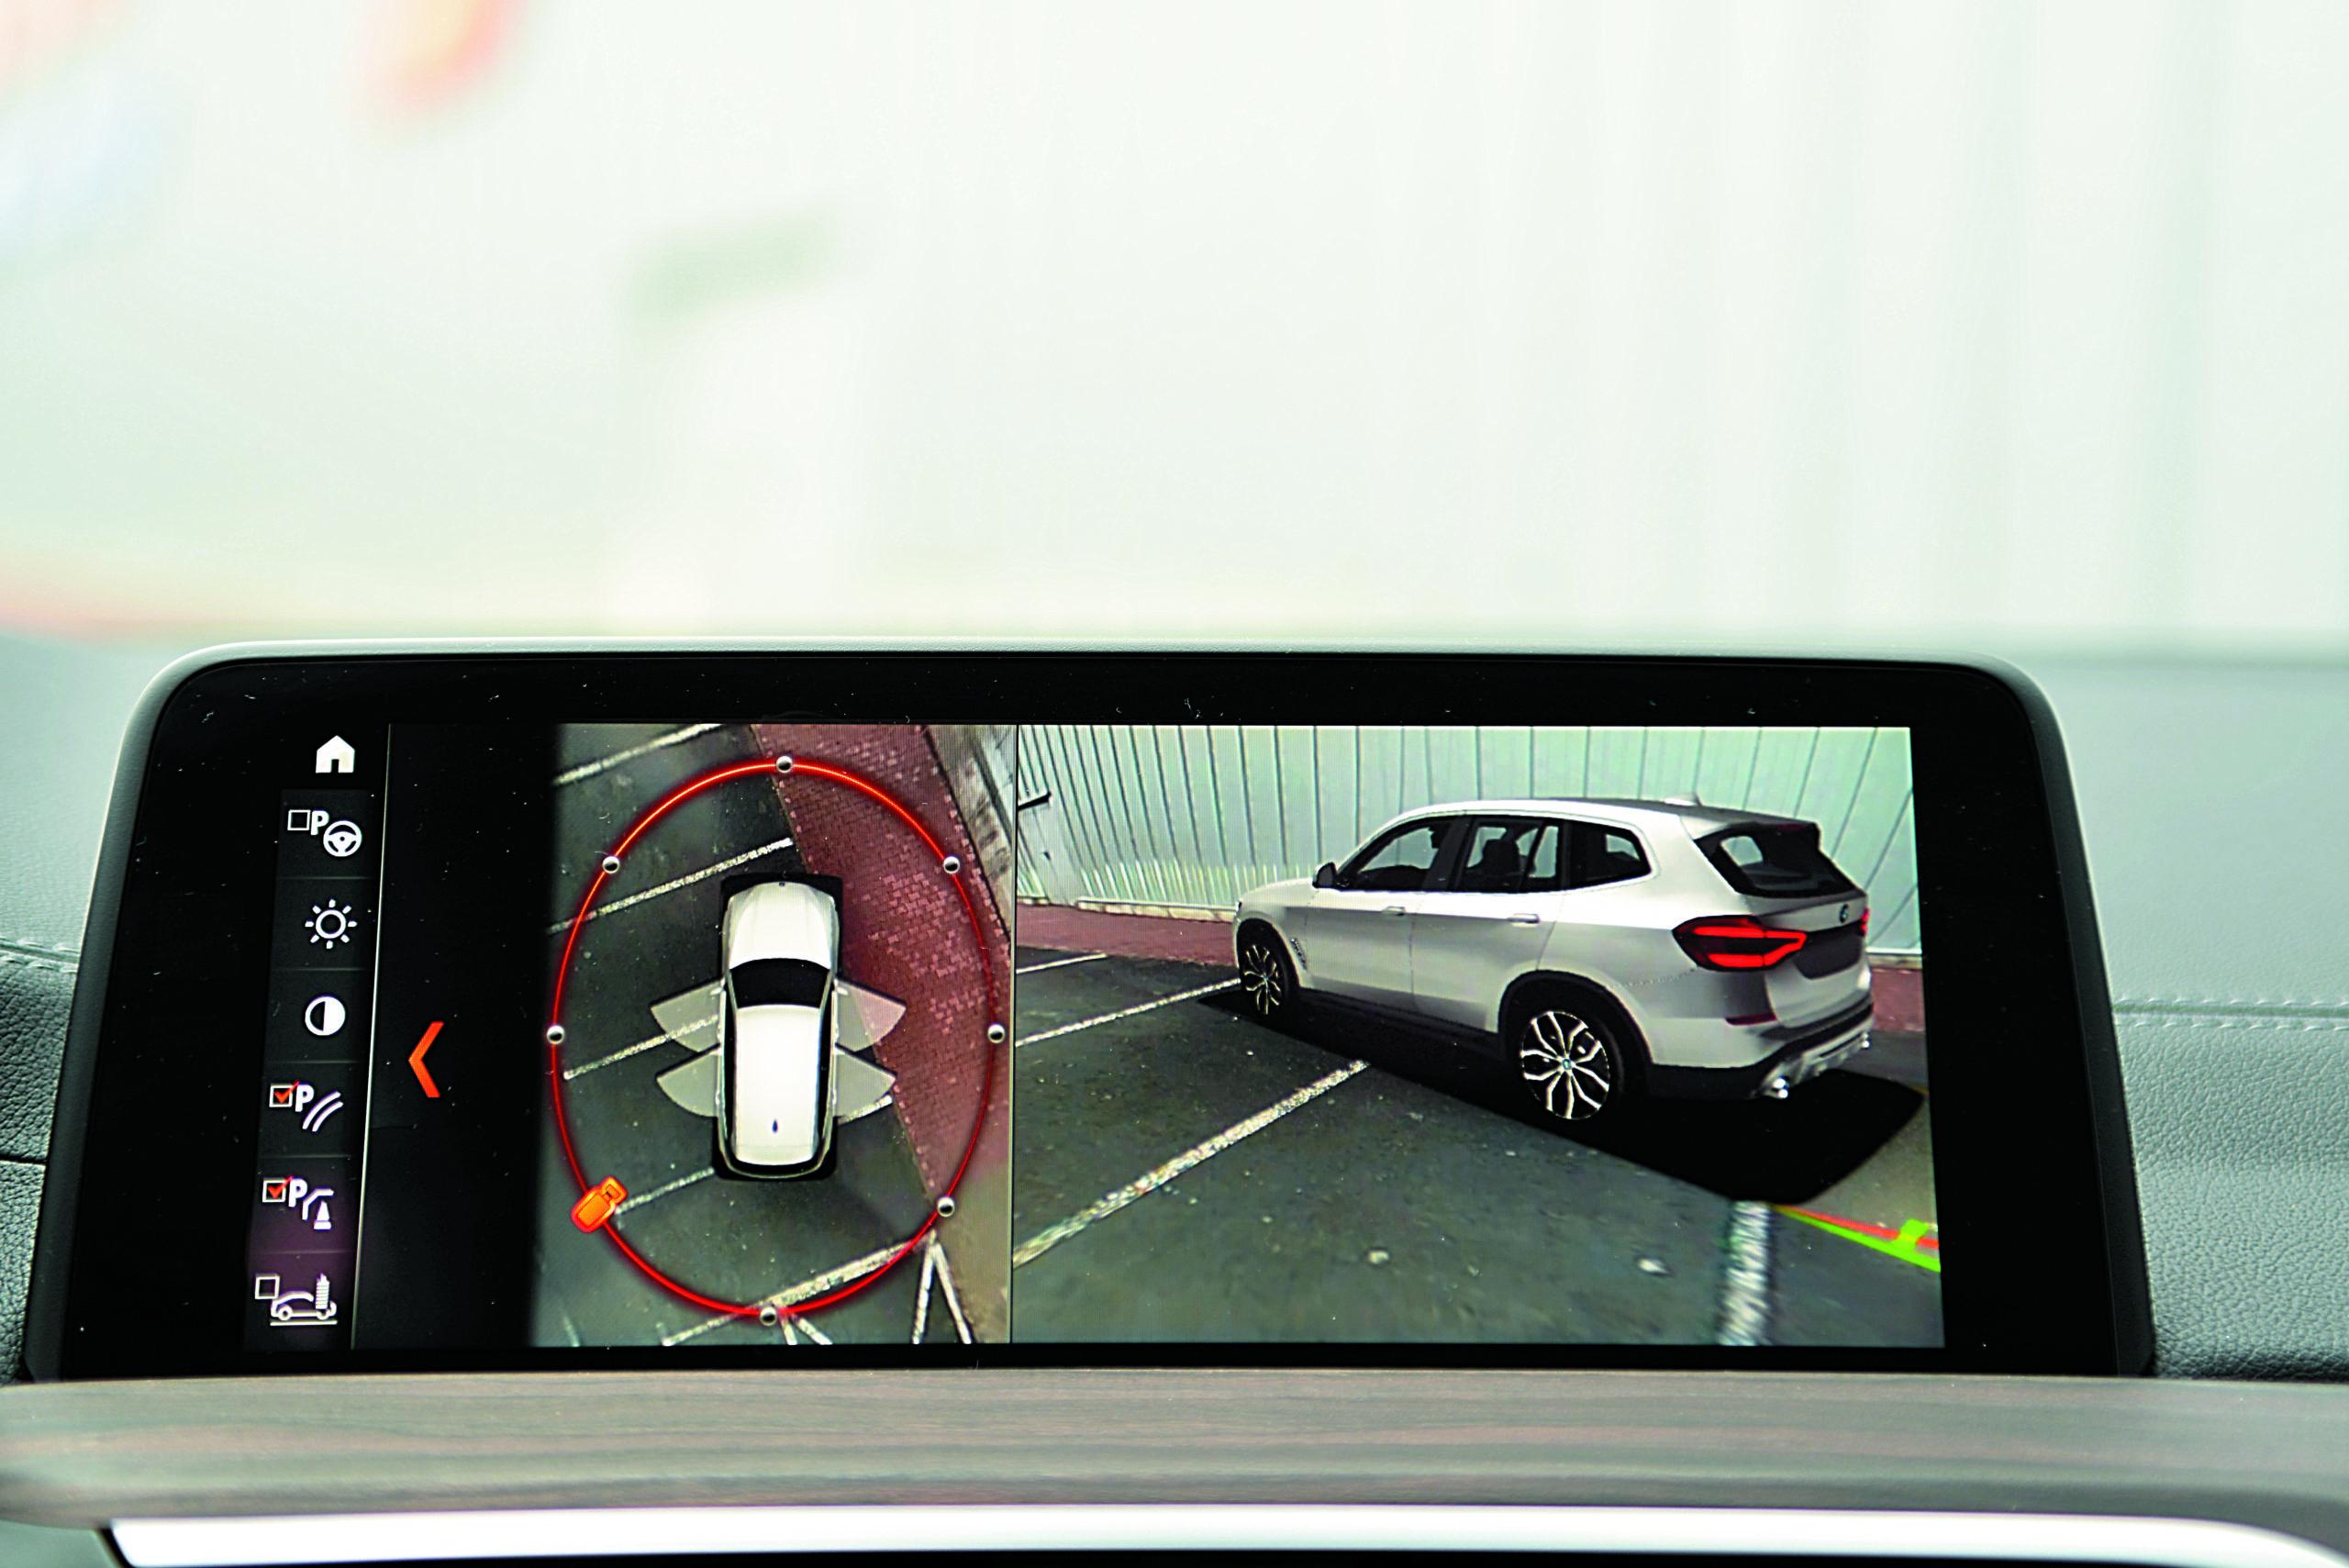 BMW-X3-30d-G01-ekran z obrazem z kamer